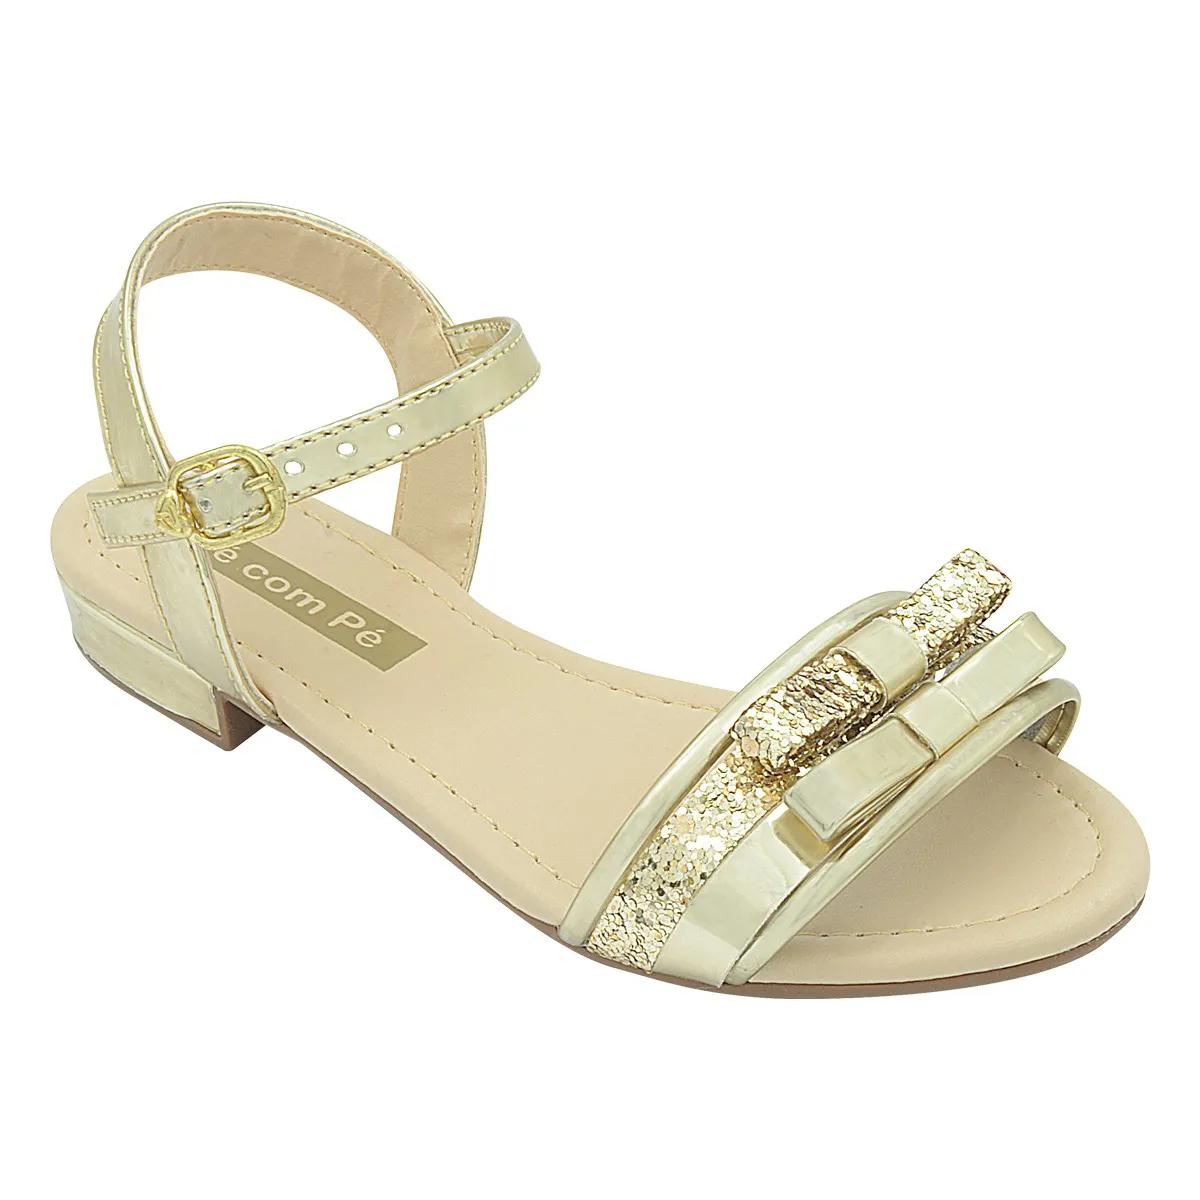 Sandália Infantil Dourada com Lacinho de Glitter Feminina